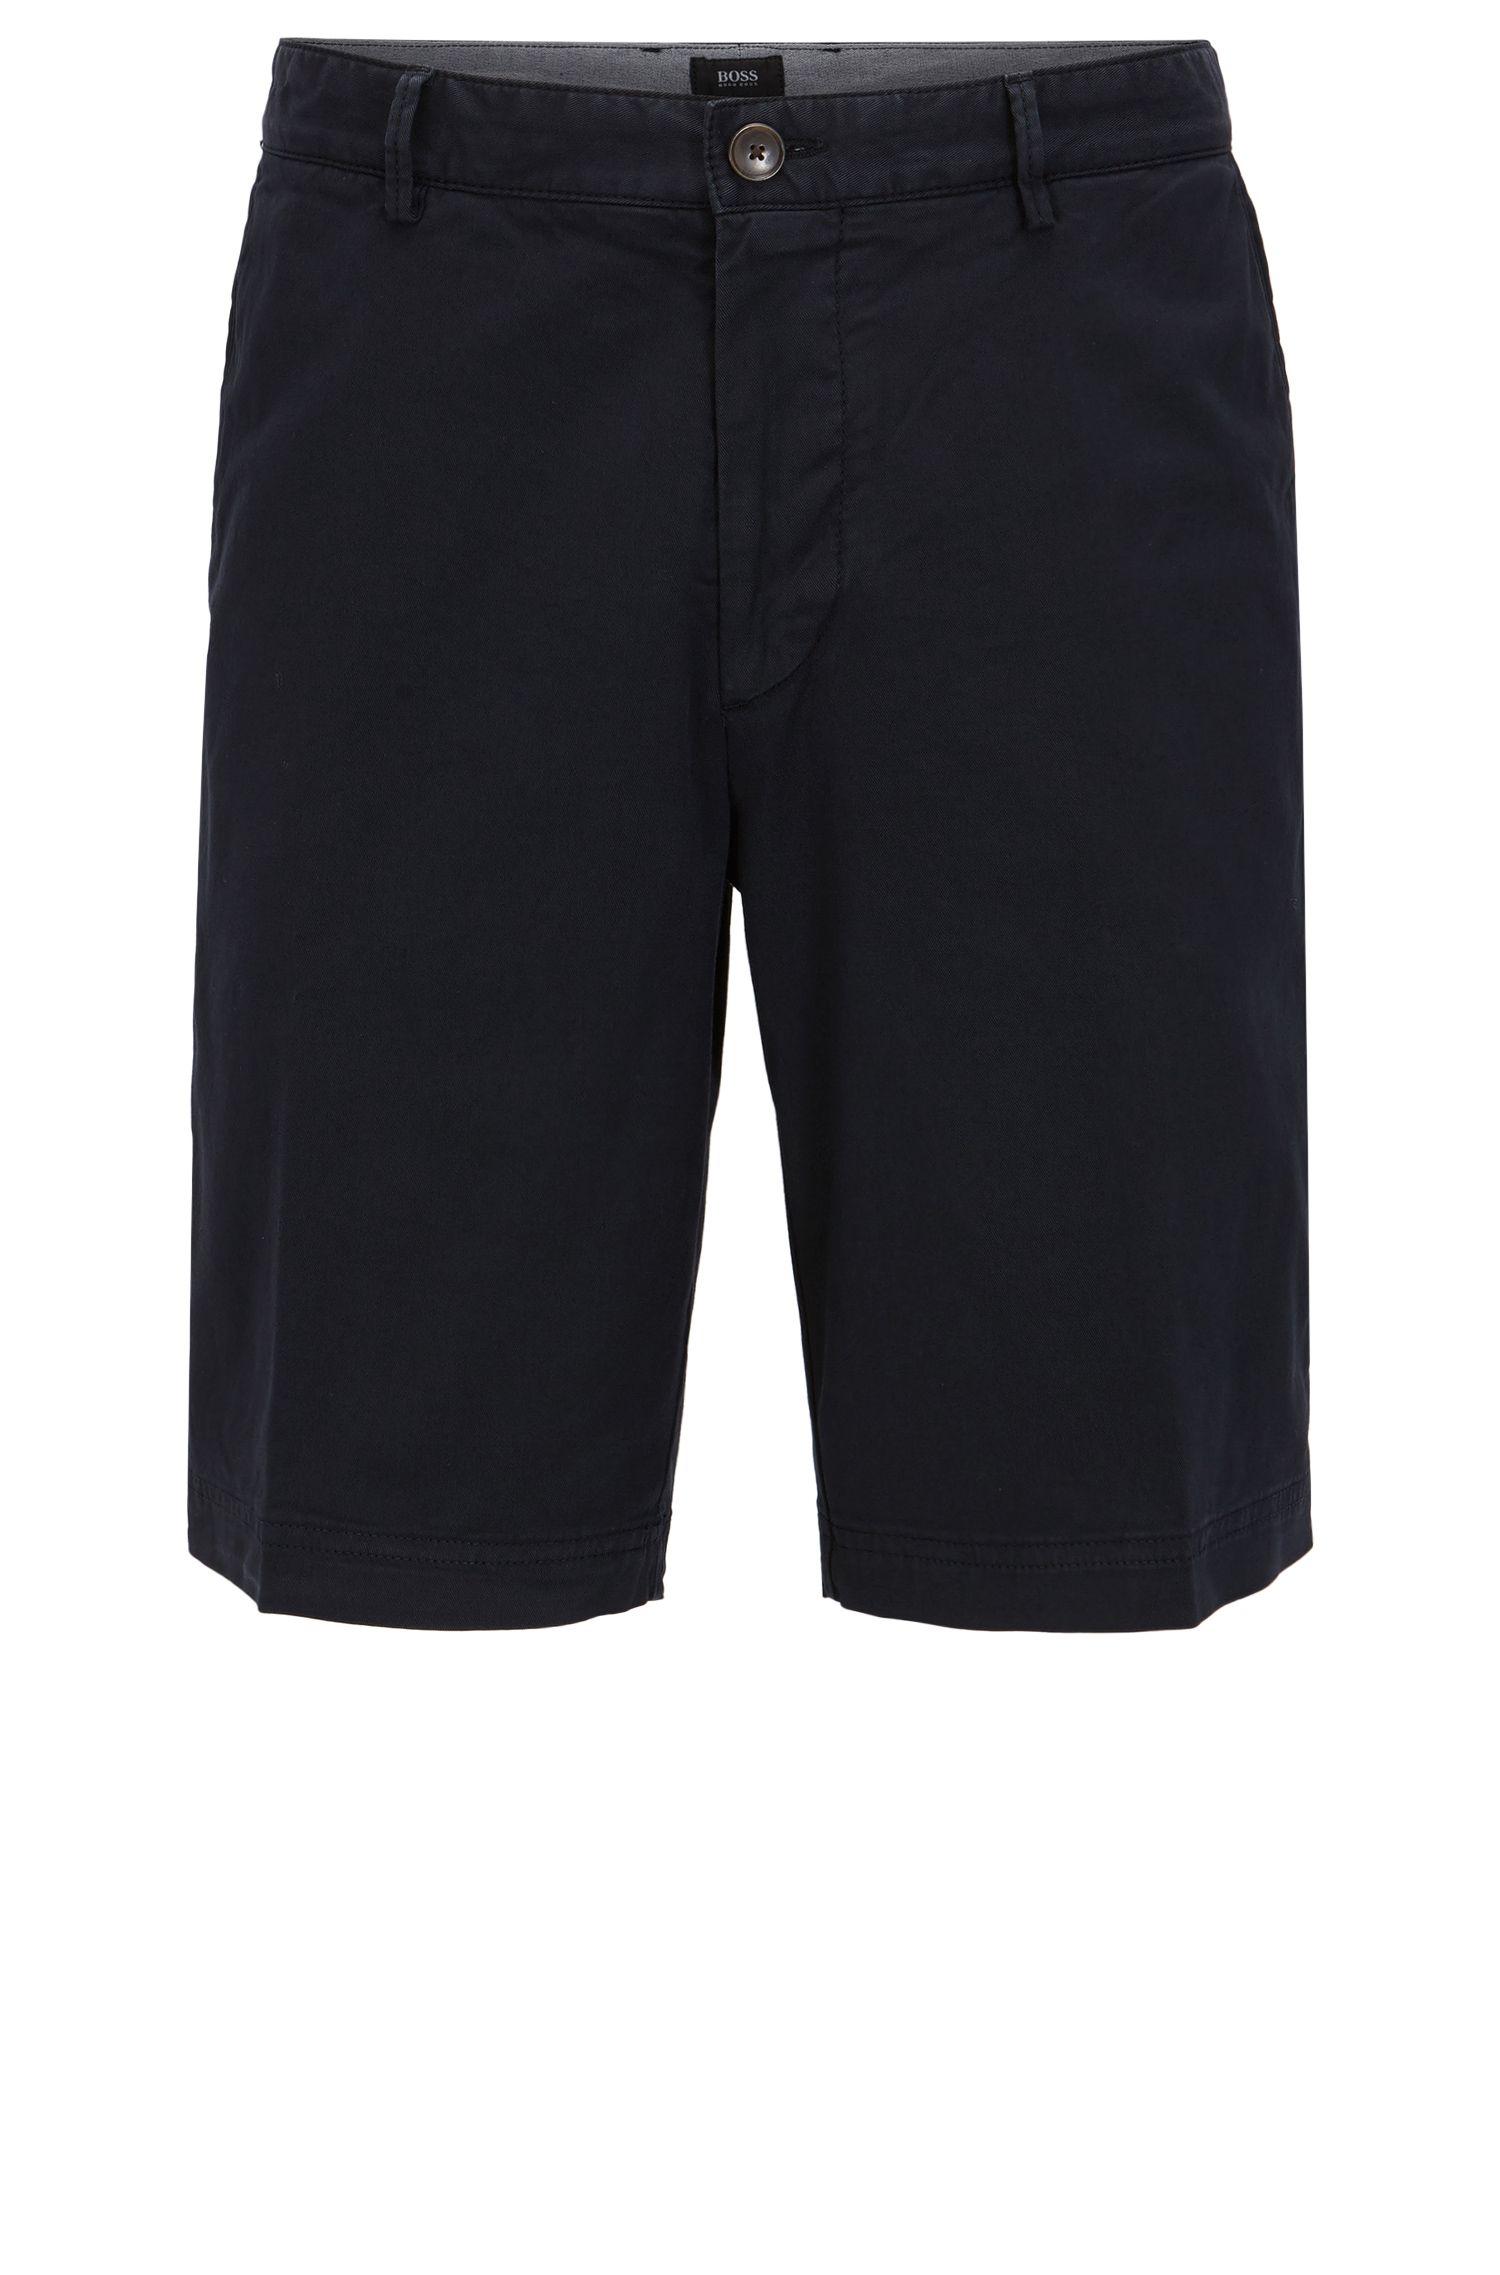 Shorts regular fit en tejido de gabardina elástico y compacto